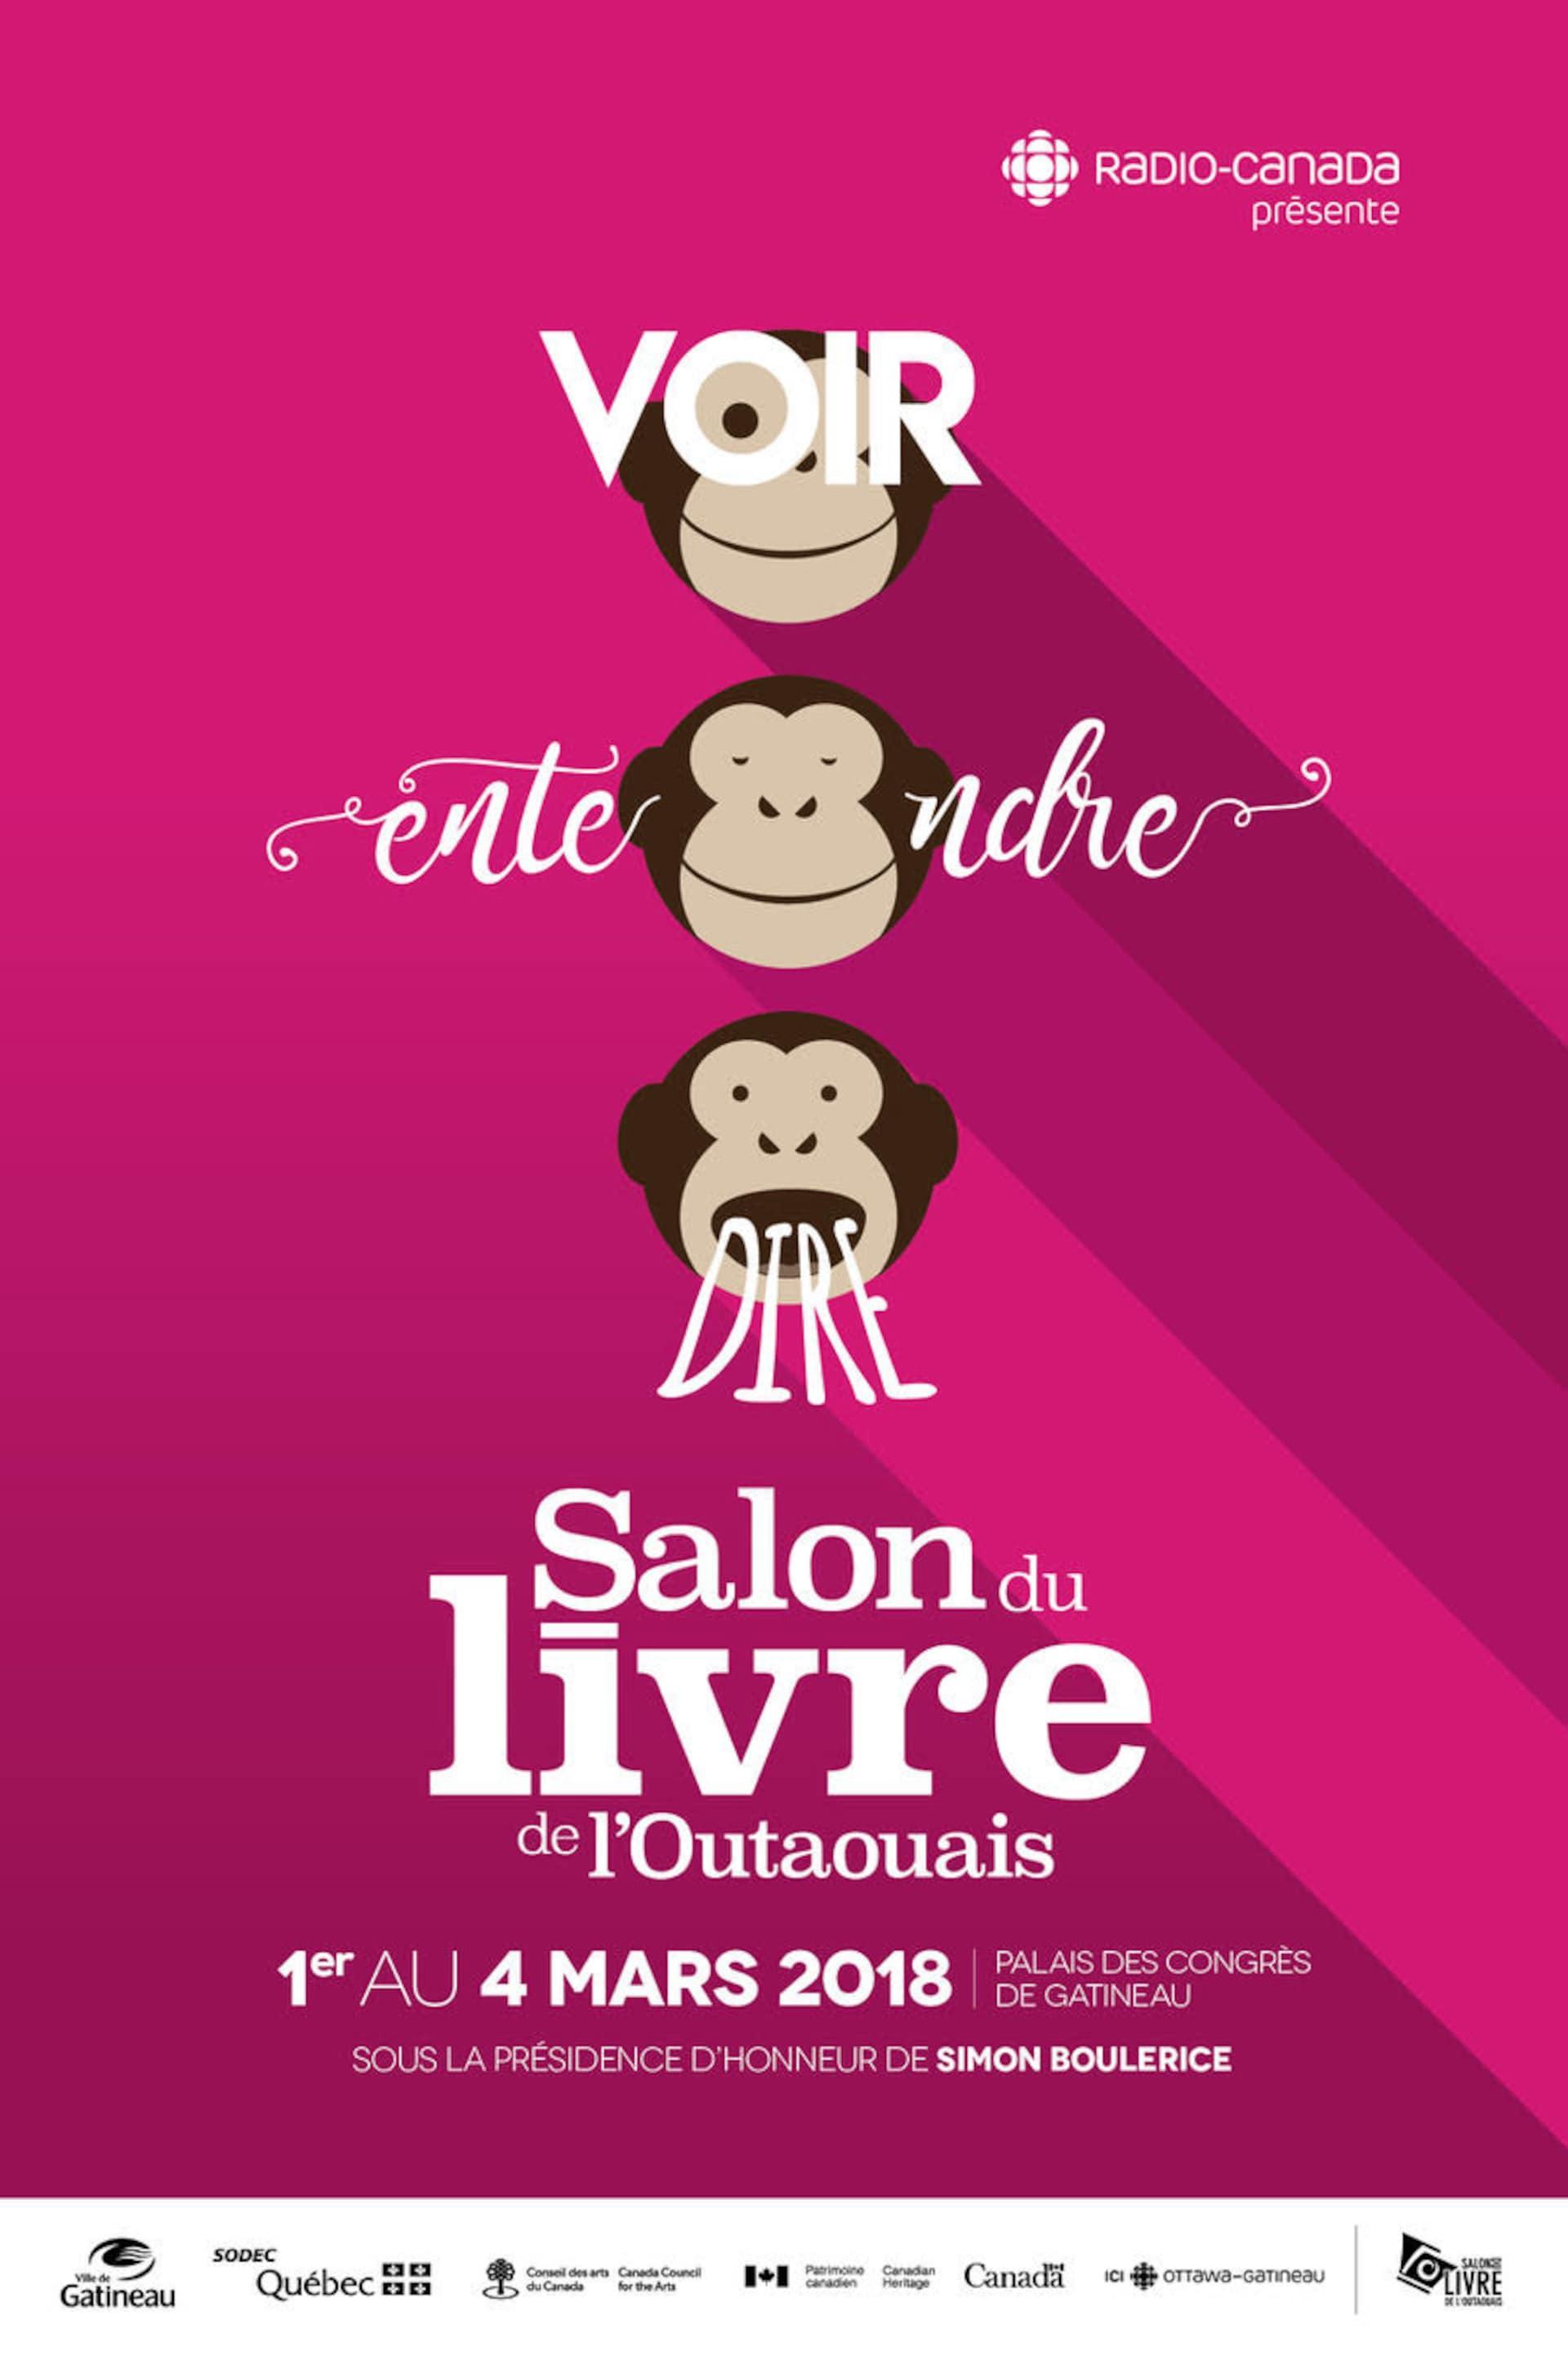 L'affiche du Salon du livre de l'Outaouais 2018.